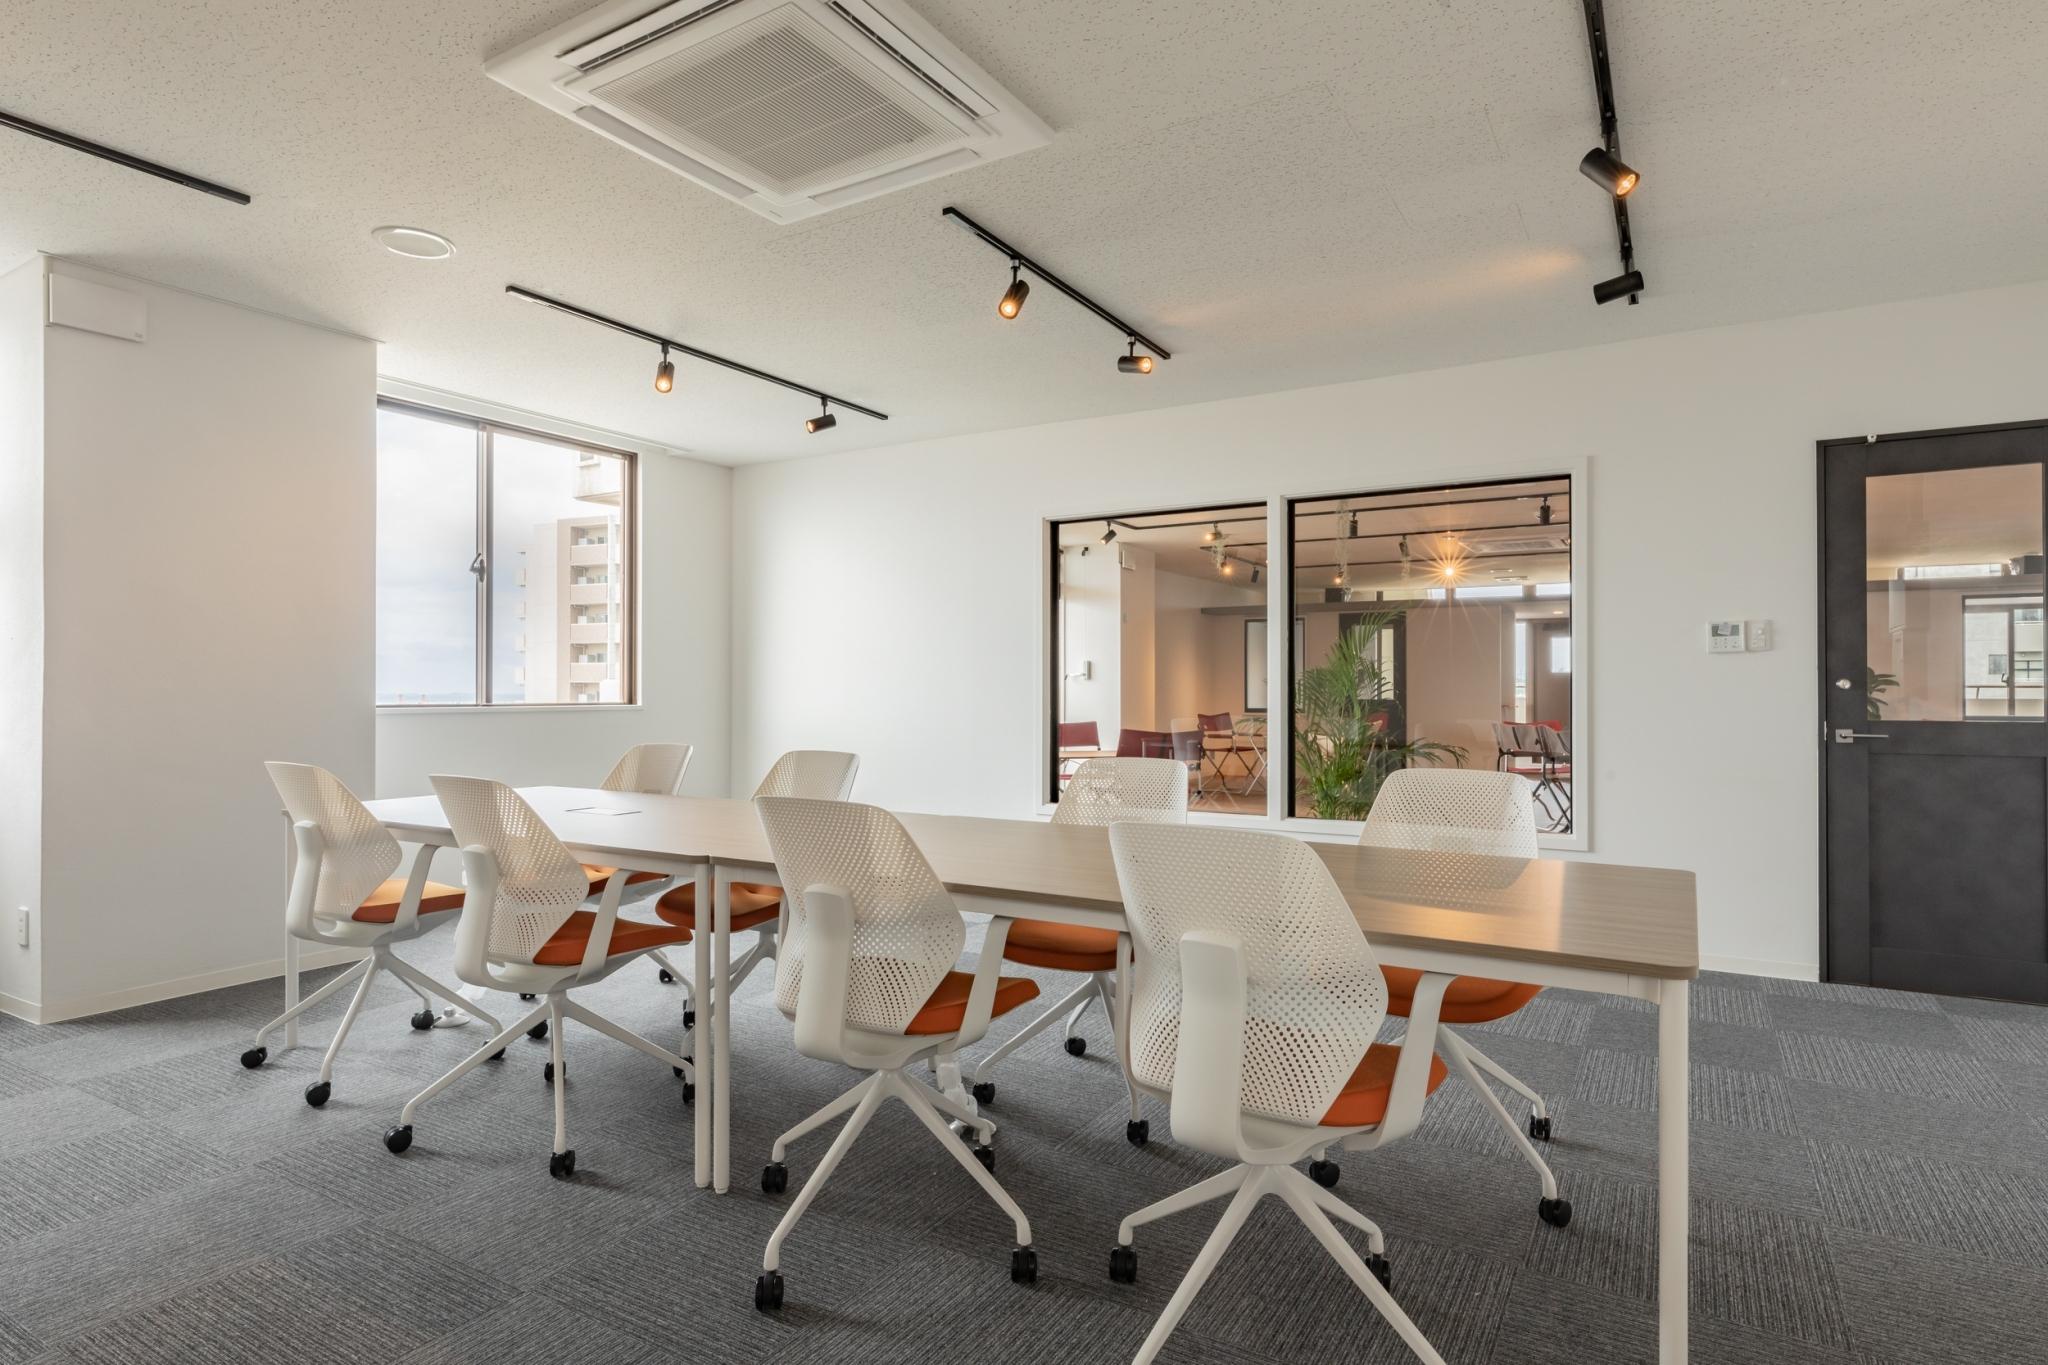 宮古島でセミナー・研修・イベントで会議室をお探しの方は、コワーキングスペース・シェアオフィスhowlive宮古島へ!